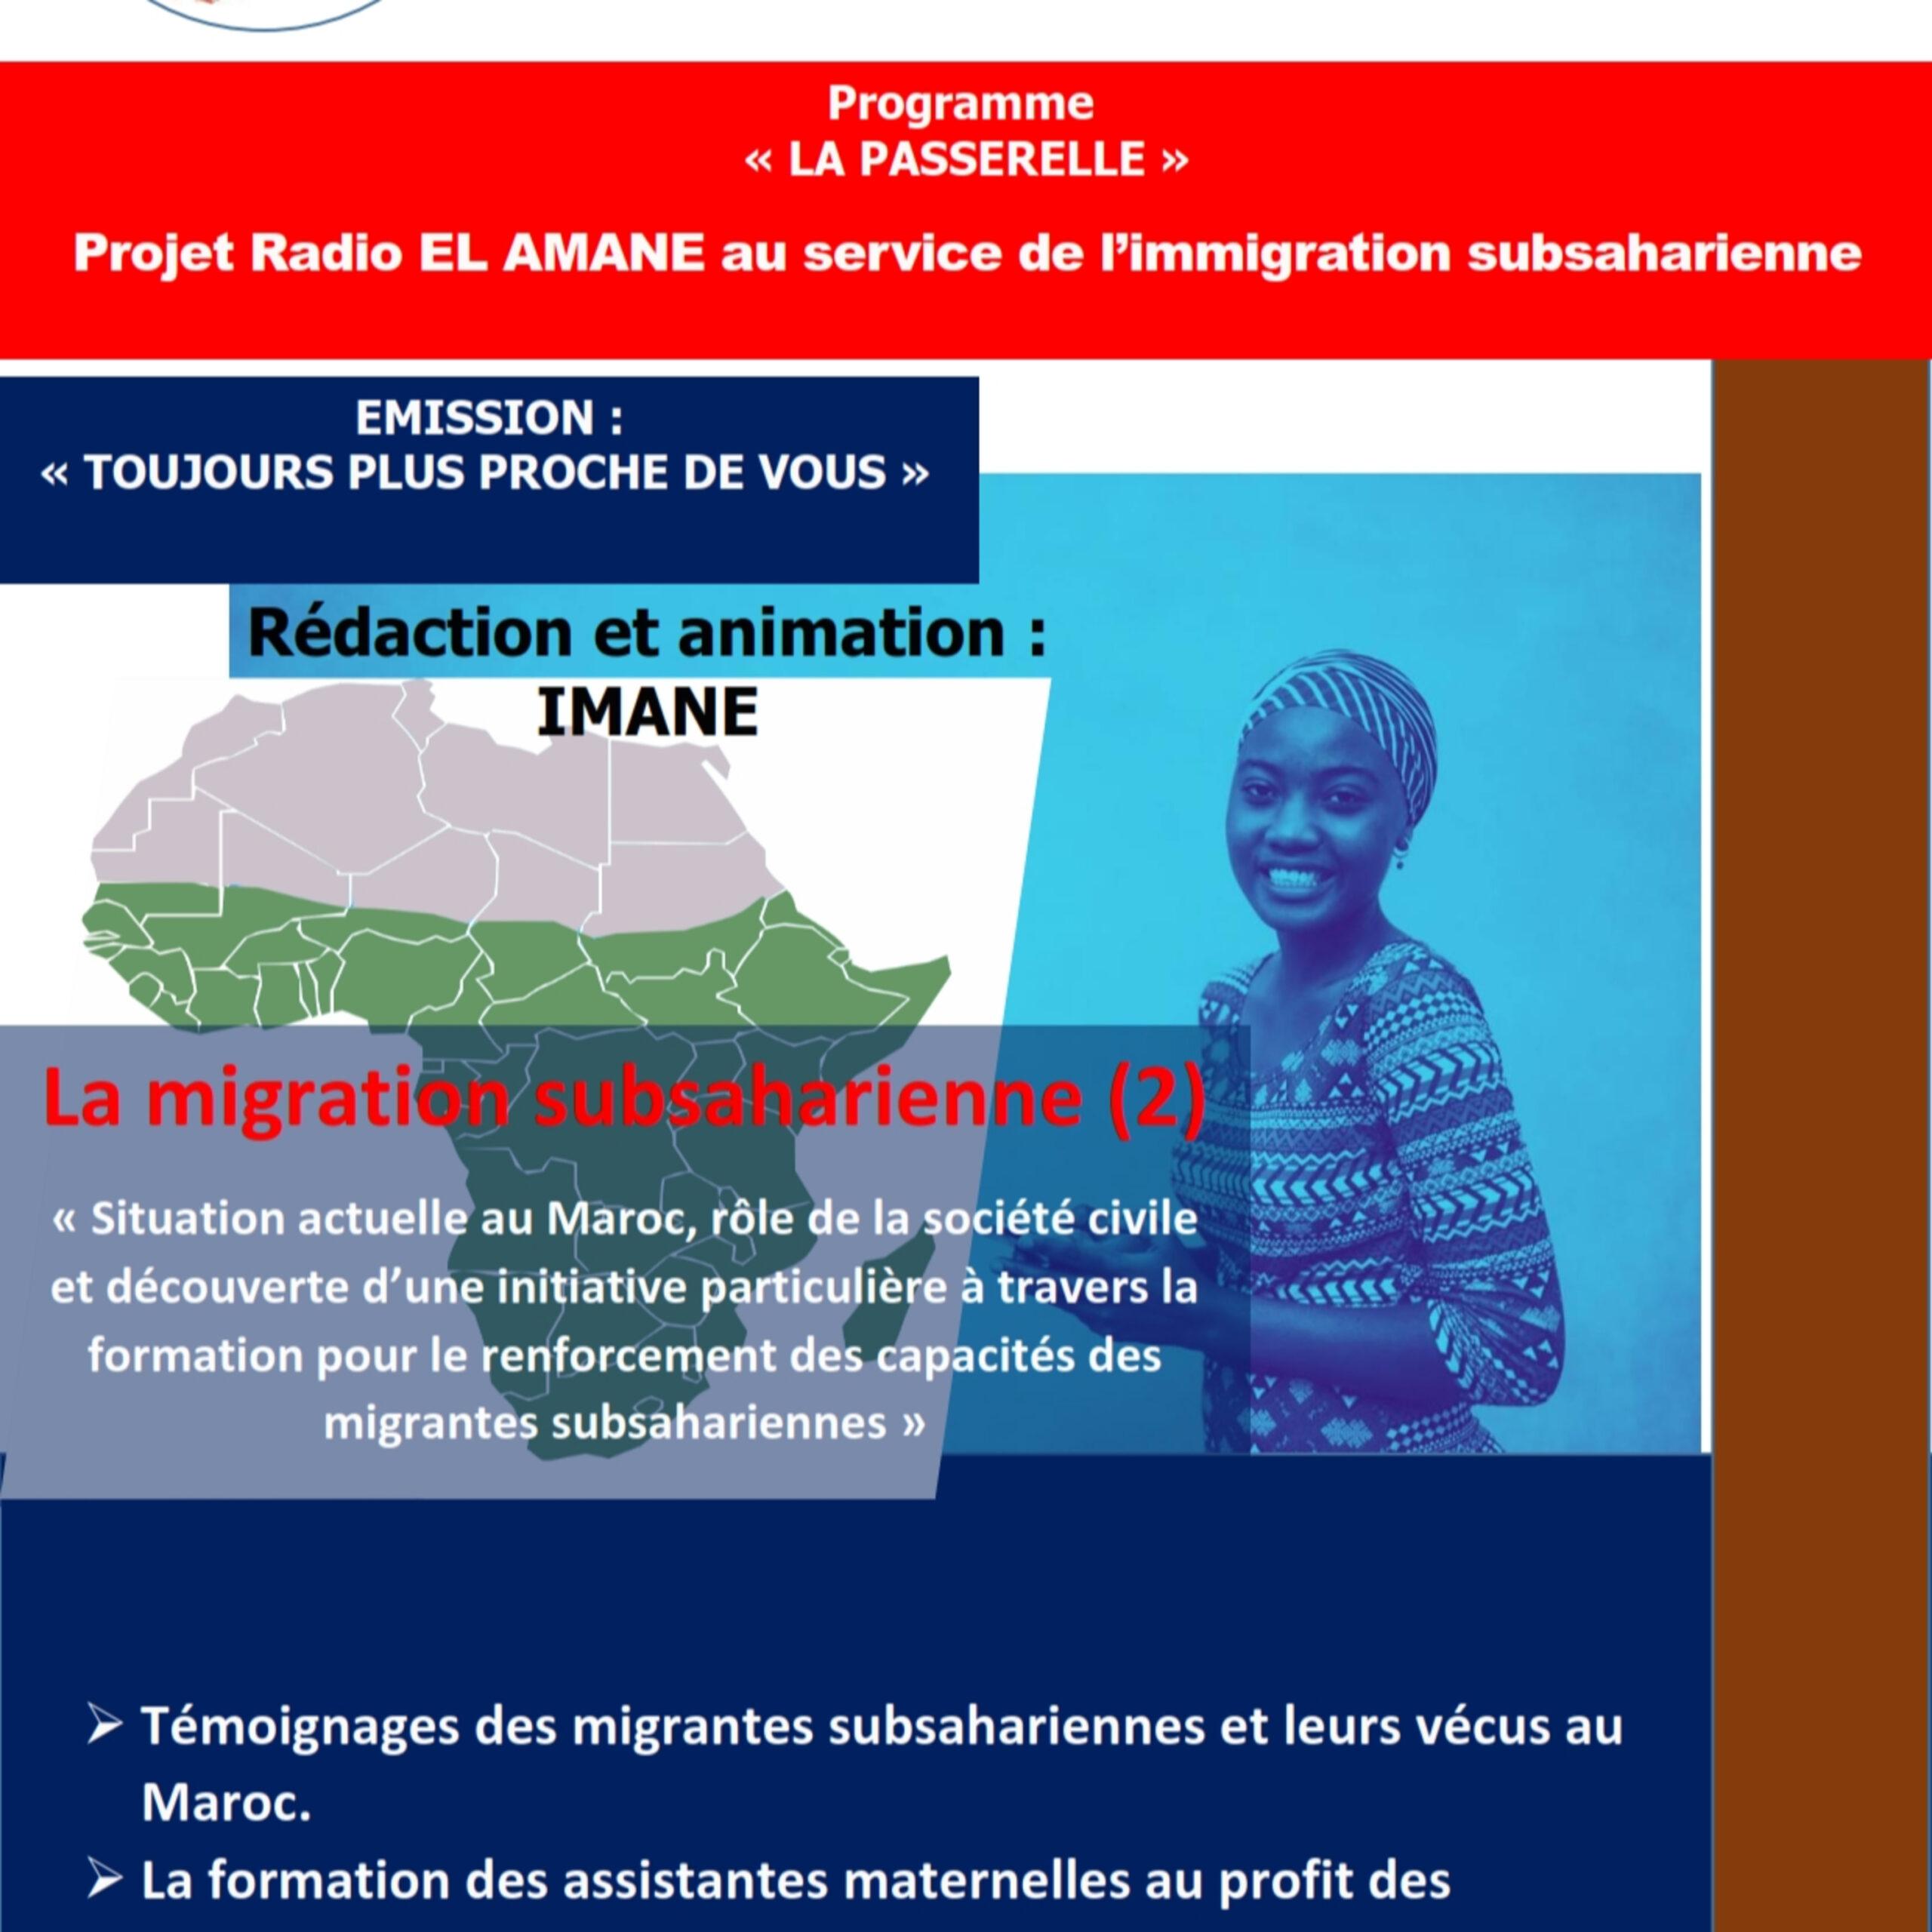 2: Emission : Toujours plus proche de vous – Episode 2 : Témoignage et formation au profit des immigrantes subsahariennes